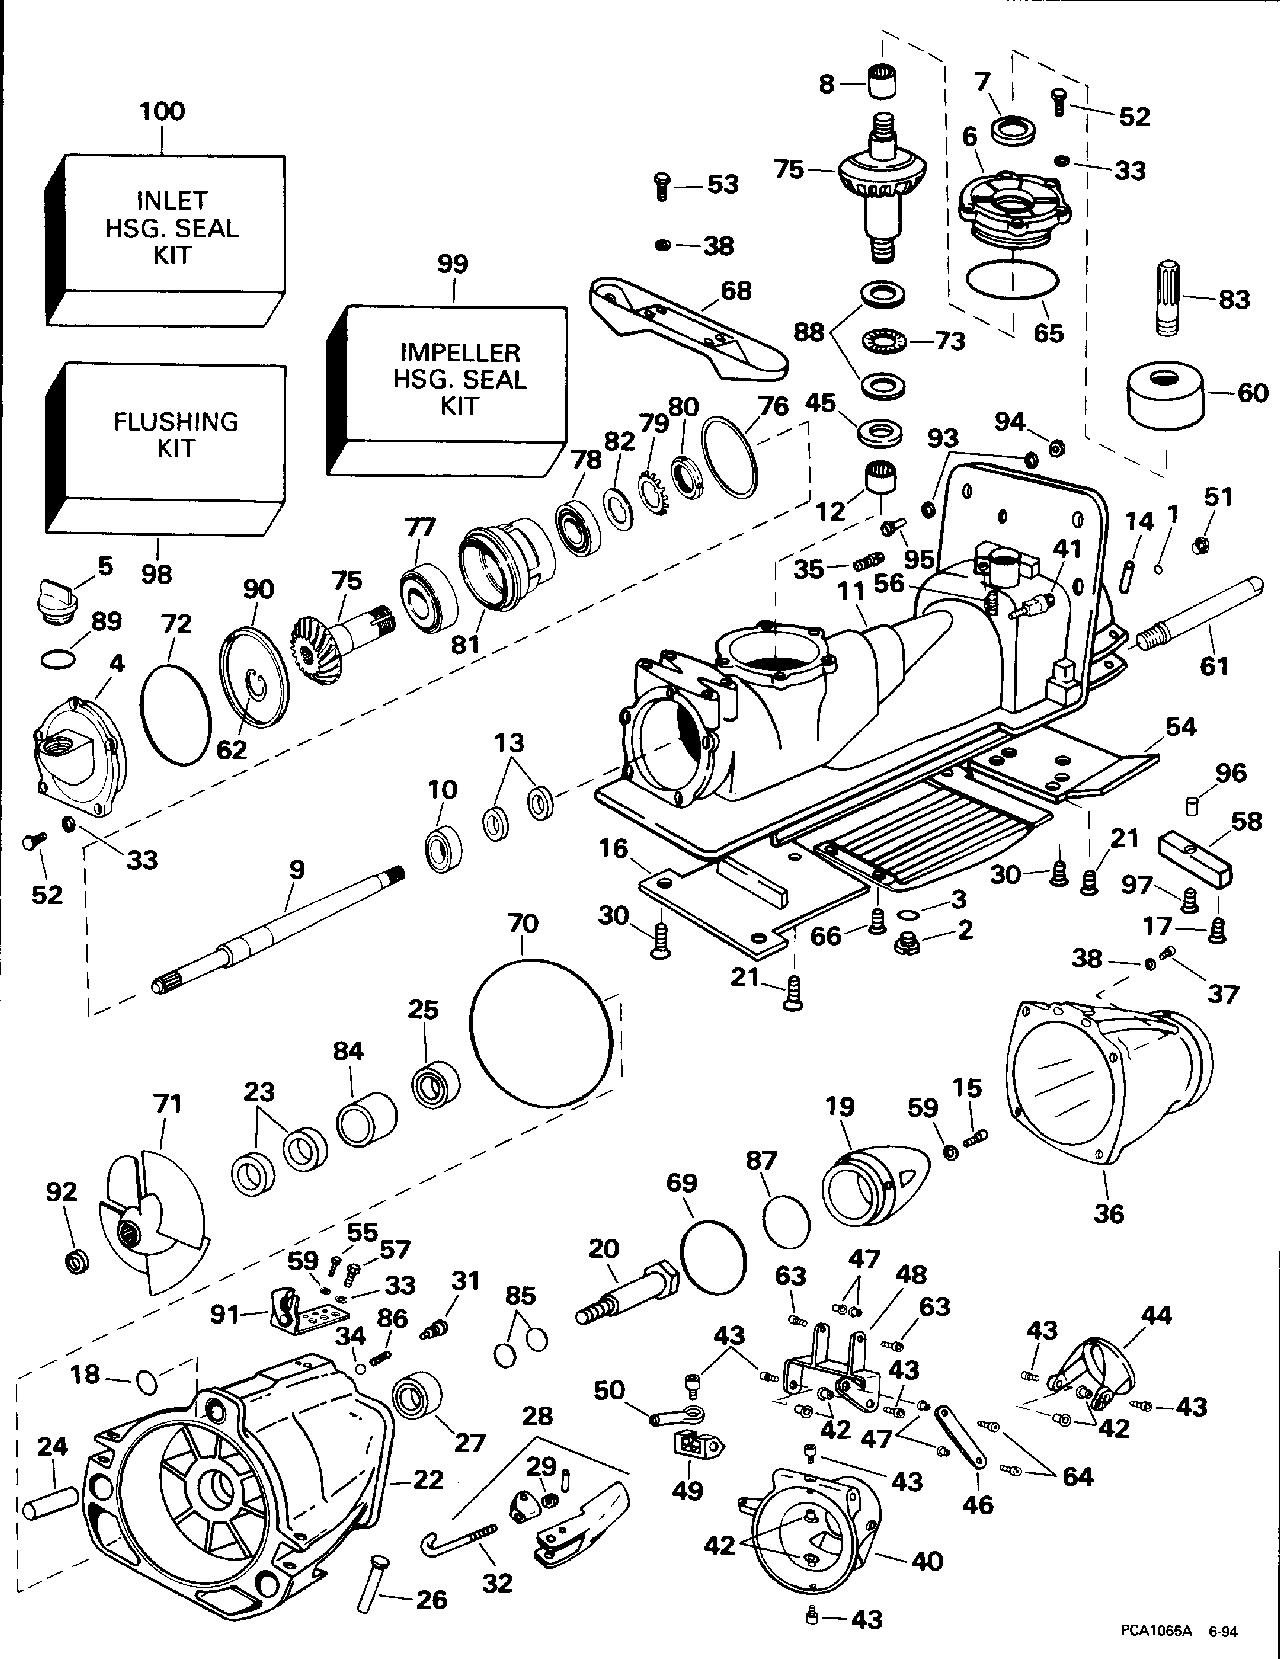 rocket engine pump diagram  rocket  free engine image for